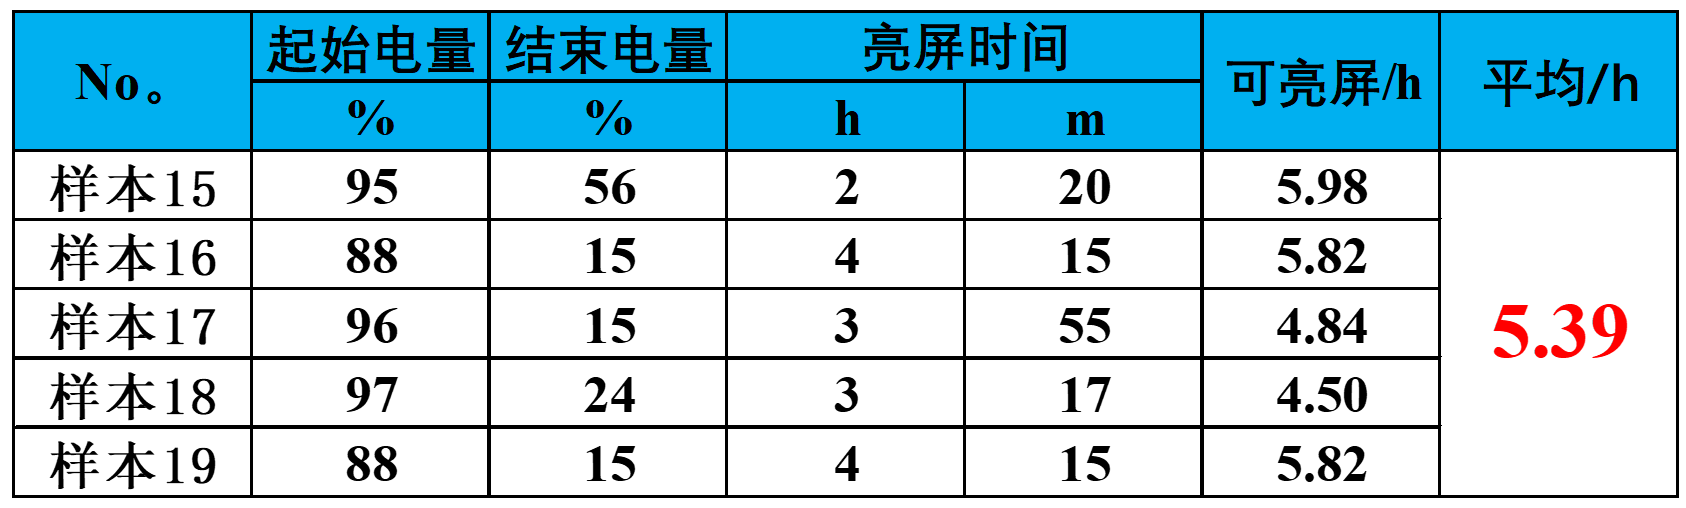 10.第3版日常耗电 root 表格